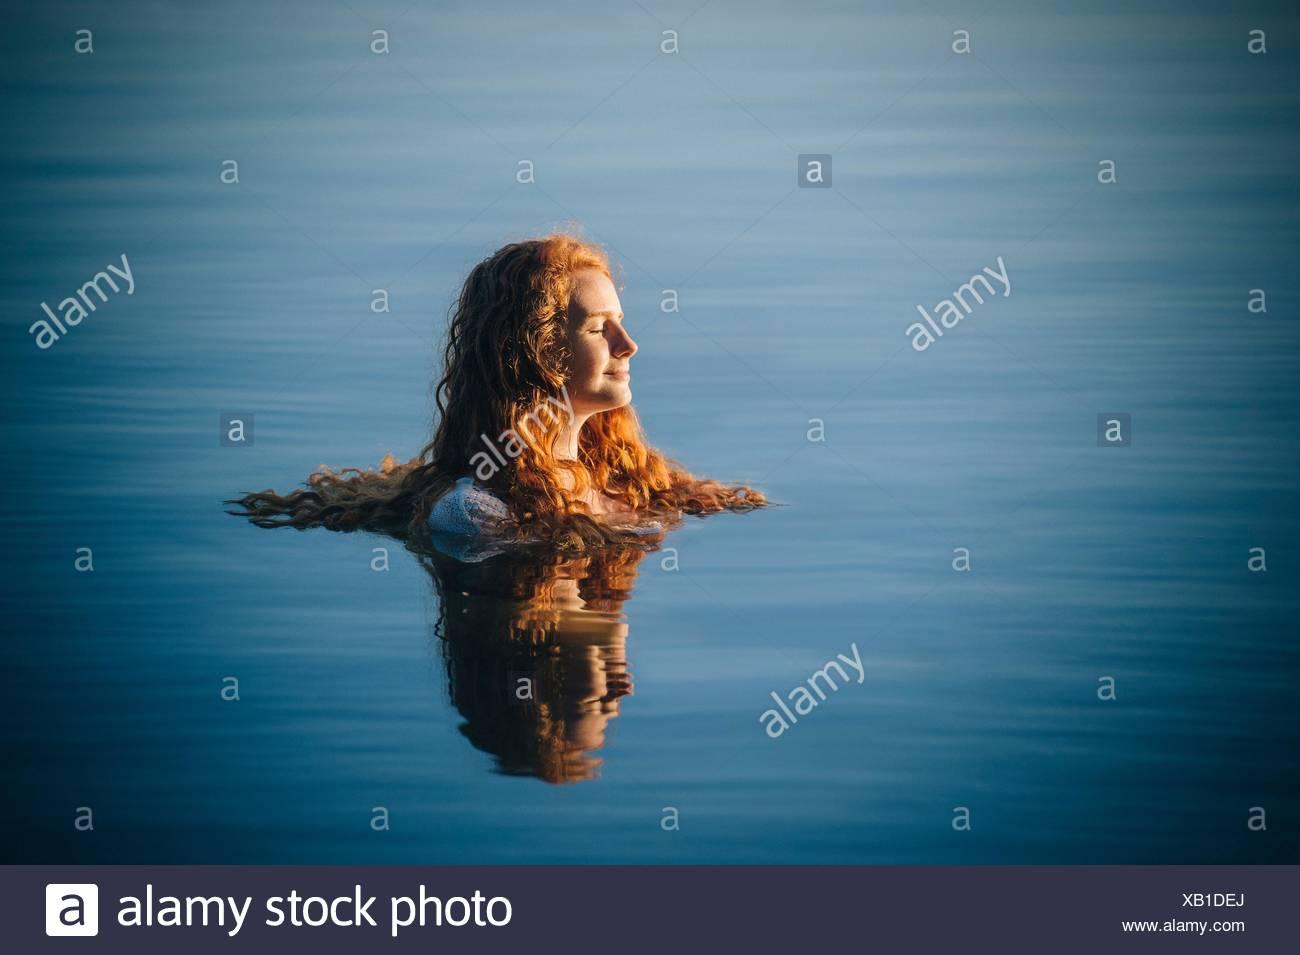 Kopf und Schultern der jungen Frau mit langen roten Haaren in See mit geschlossenen Augen Stockbild